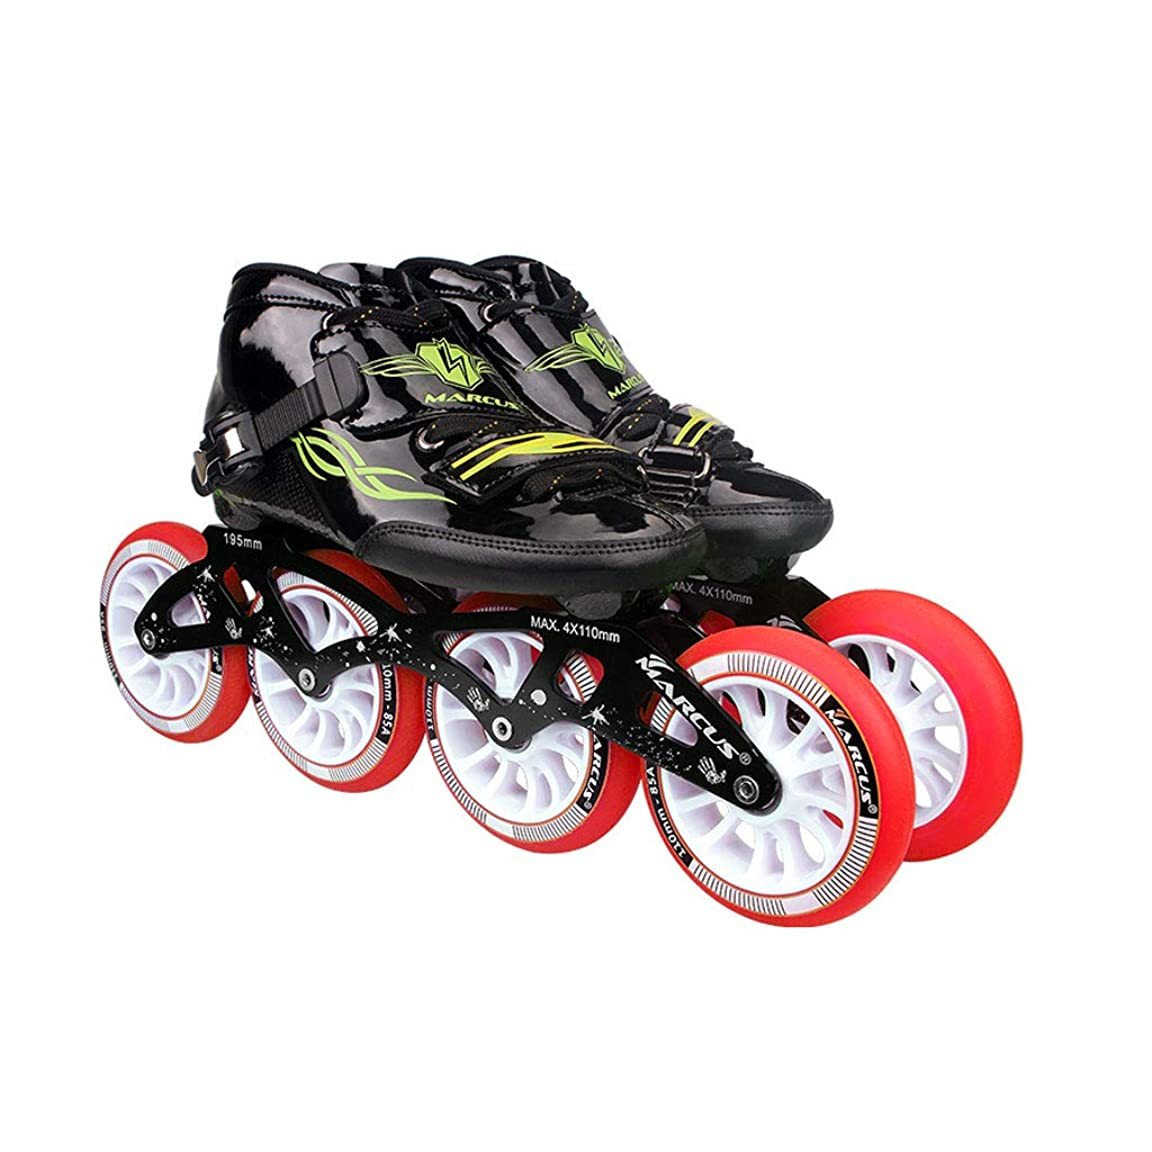 パーセント療法穿孔するインラインスケート ローラースケート4輪90MM-110MM車輪調整可能なインラインスケート、ストレートスケートシューズ(4色) キッズ ローラースケート (Color : Red, Size : EU 38/US 6/UK 5/JP 24cm)